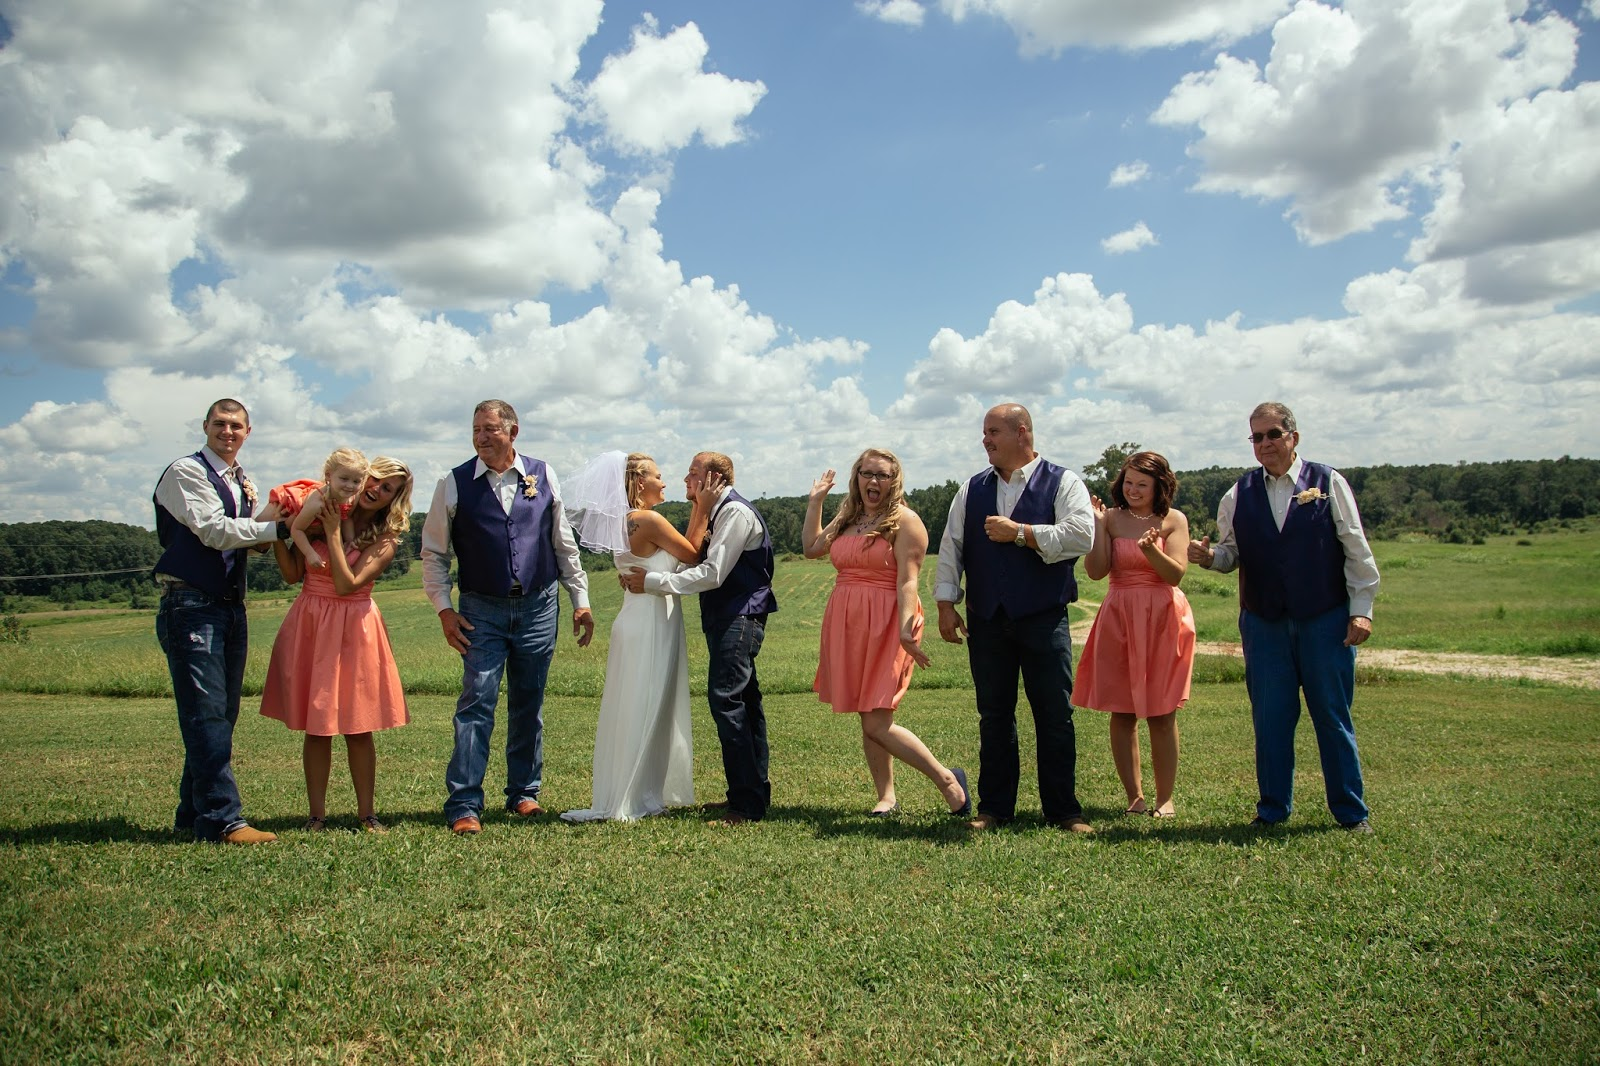 moore+wedding-55.jpg